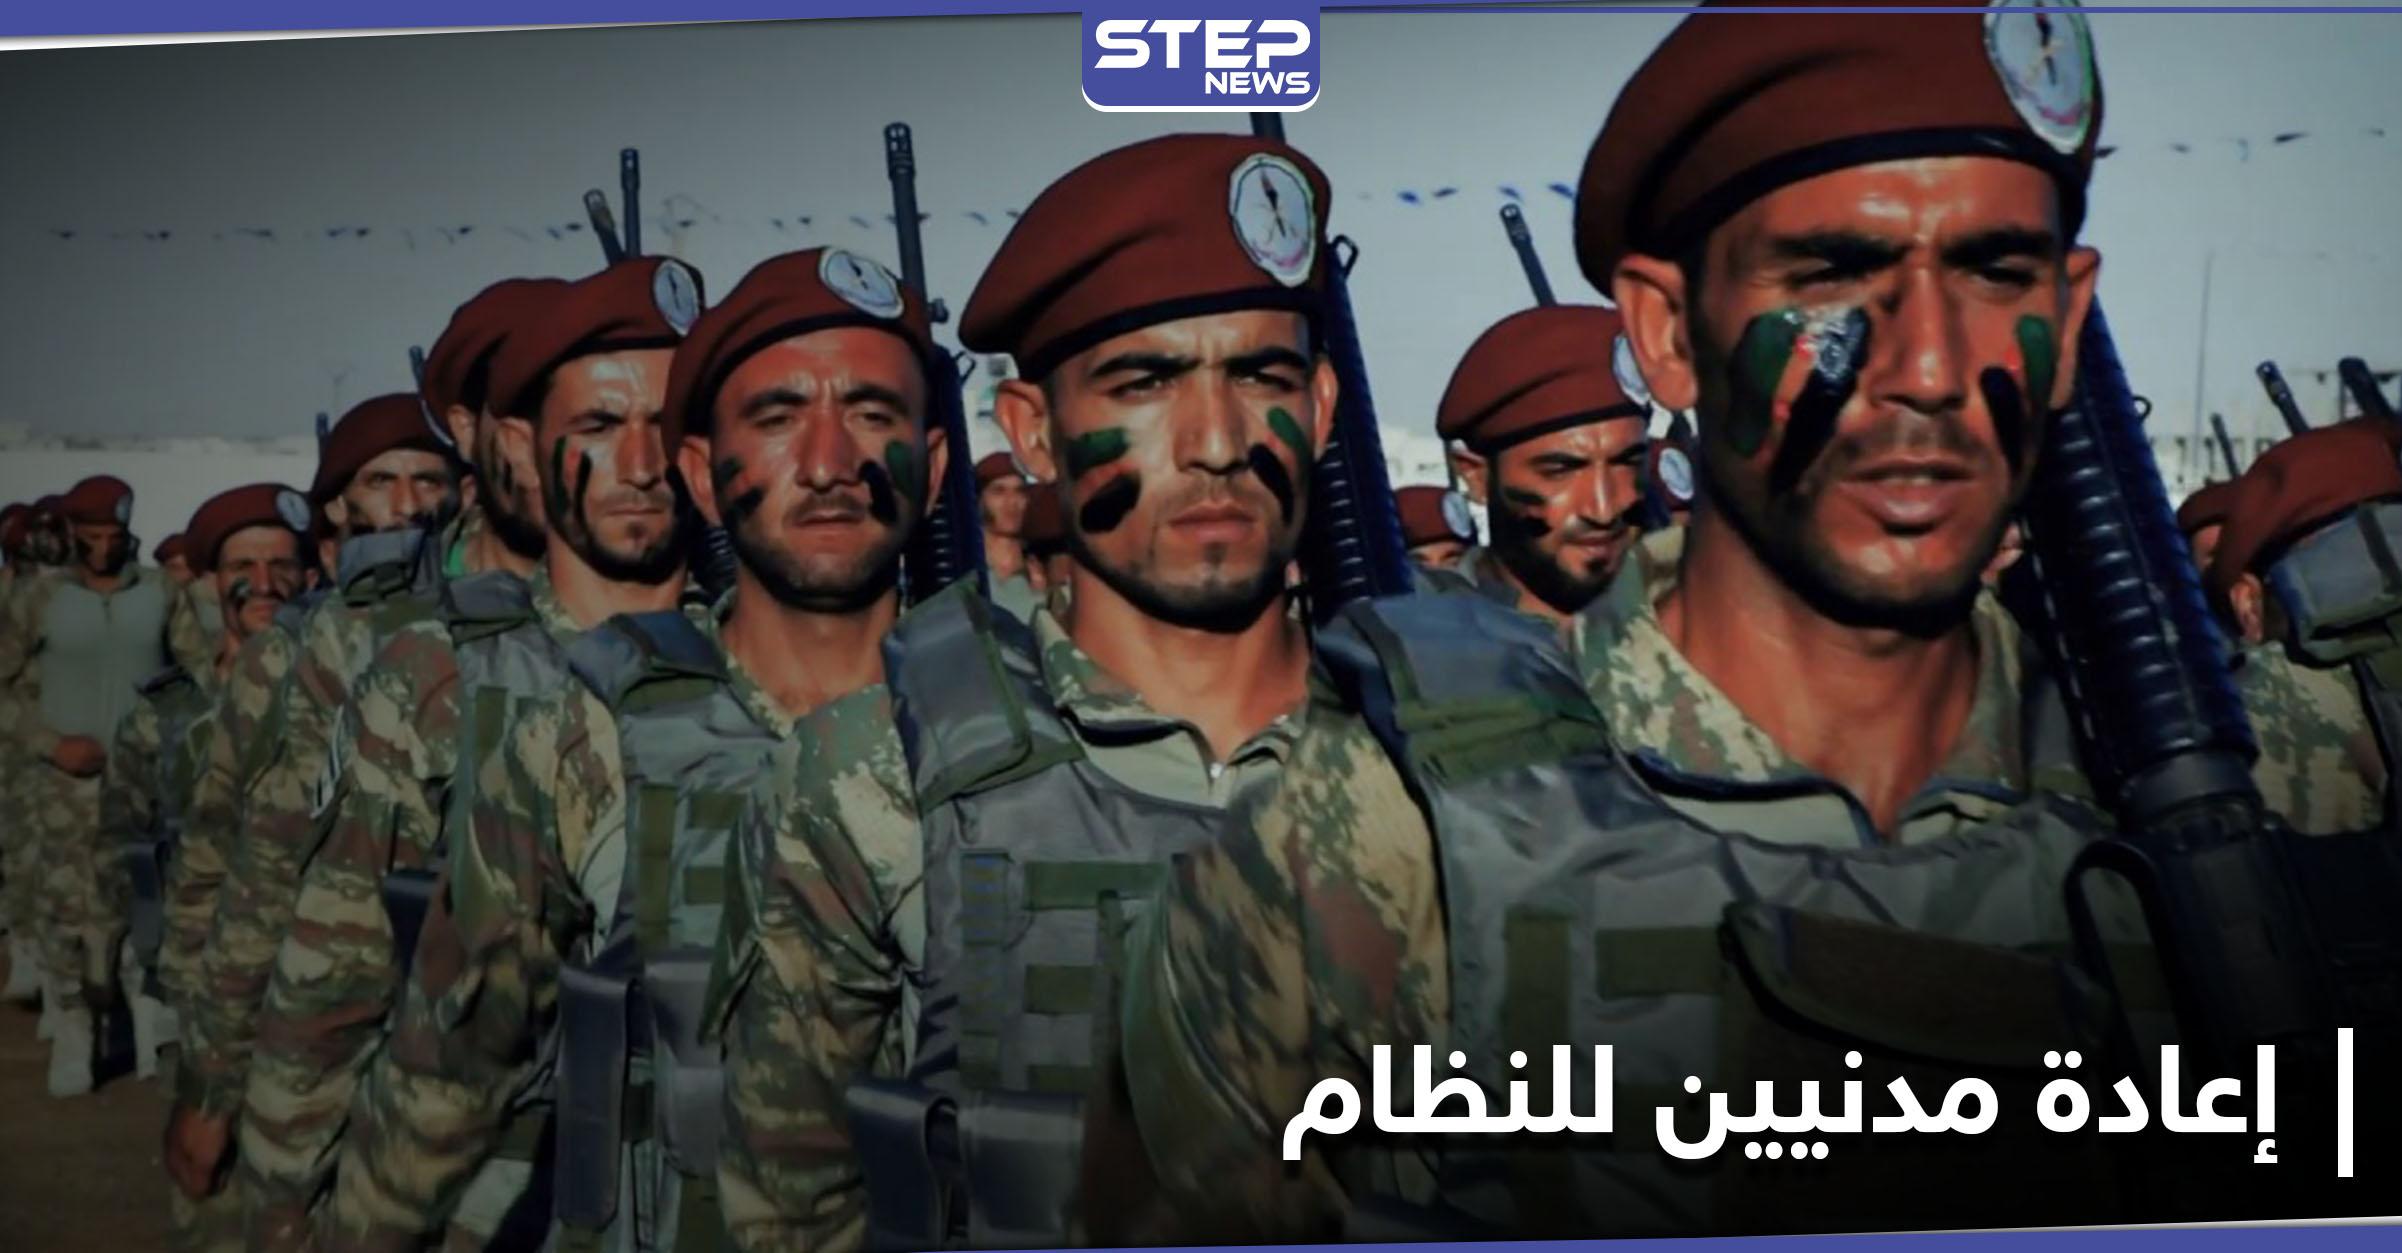 فصيل موالي لتركيا يسلم قرابة 100 مدني لـ النظام السوري